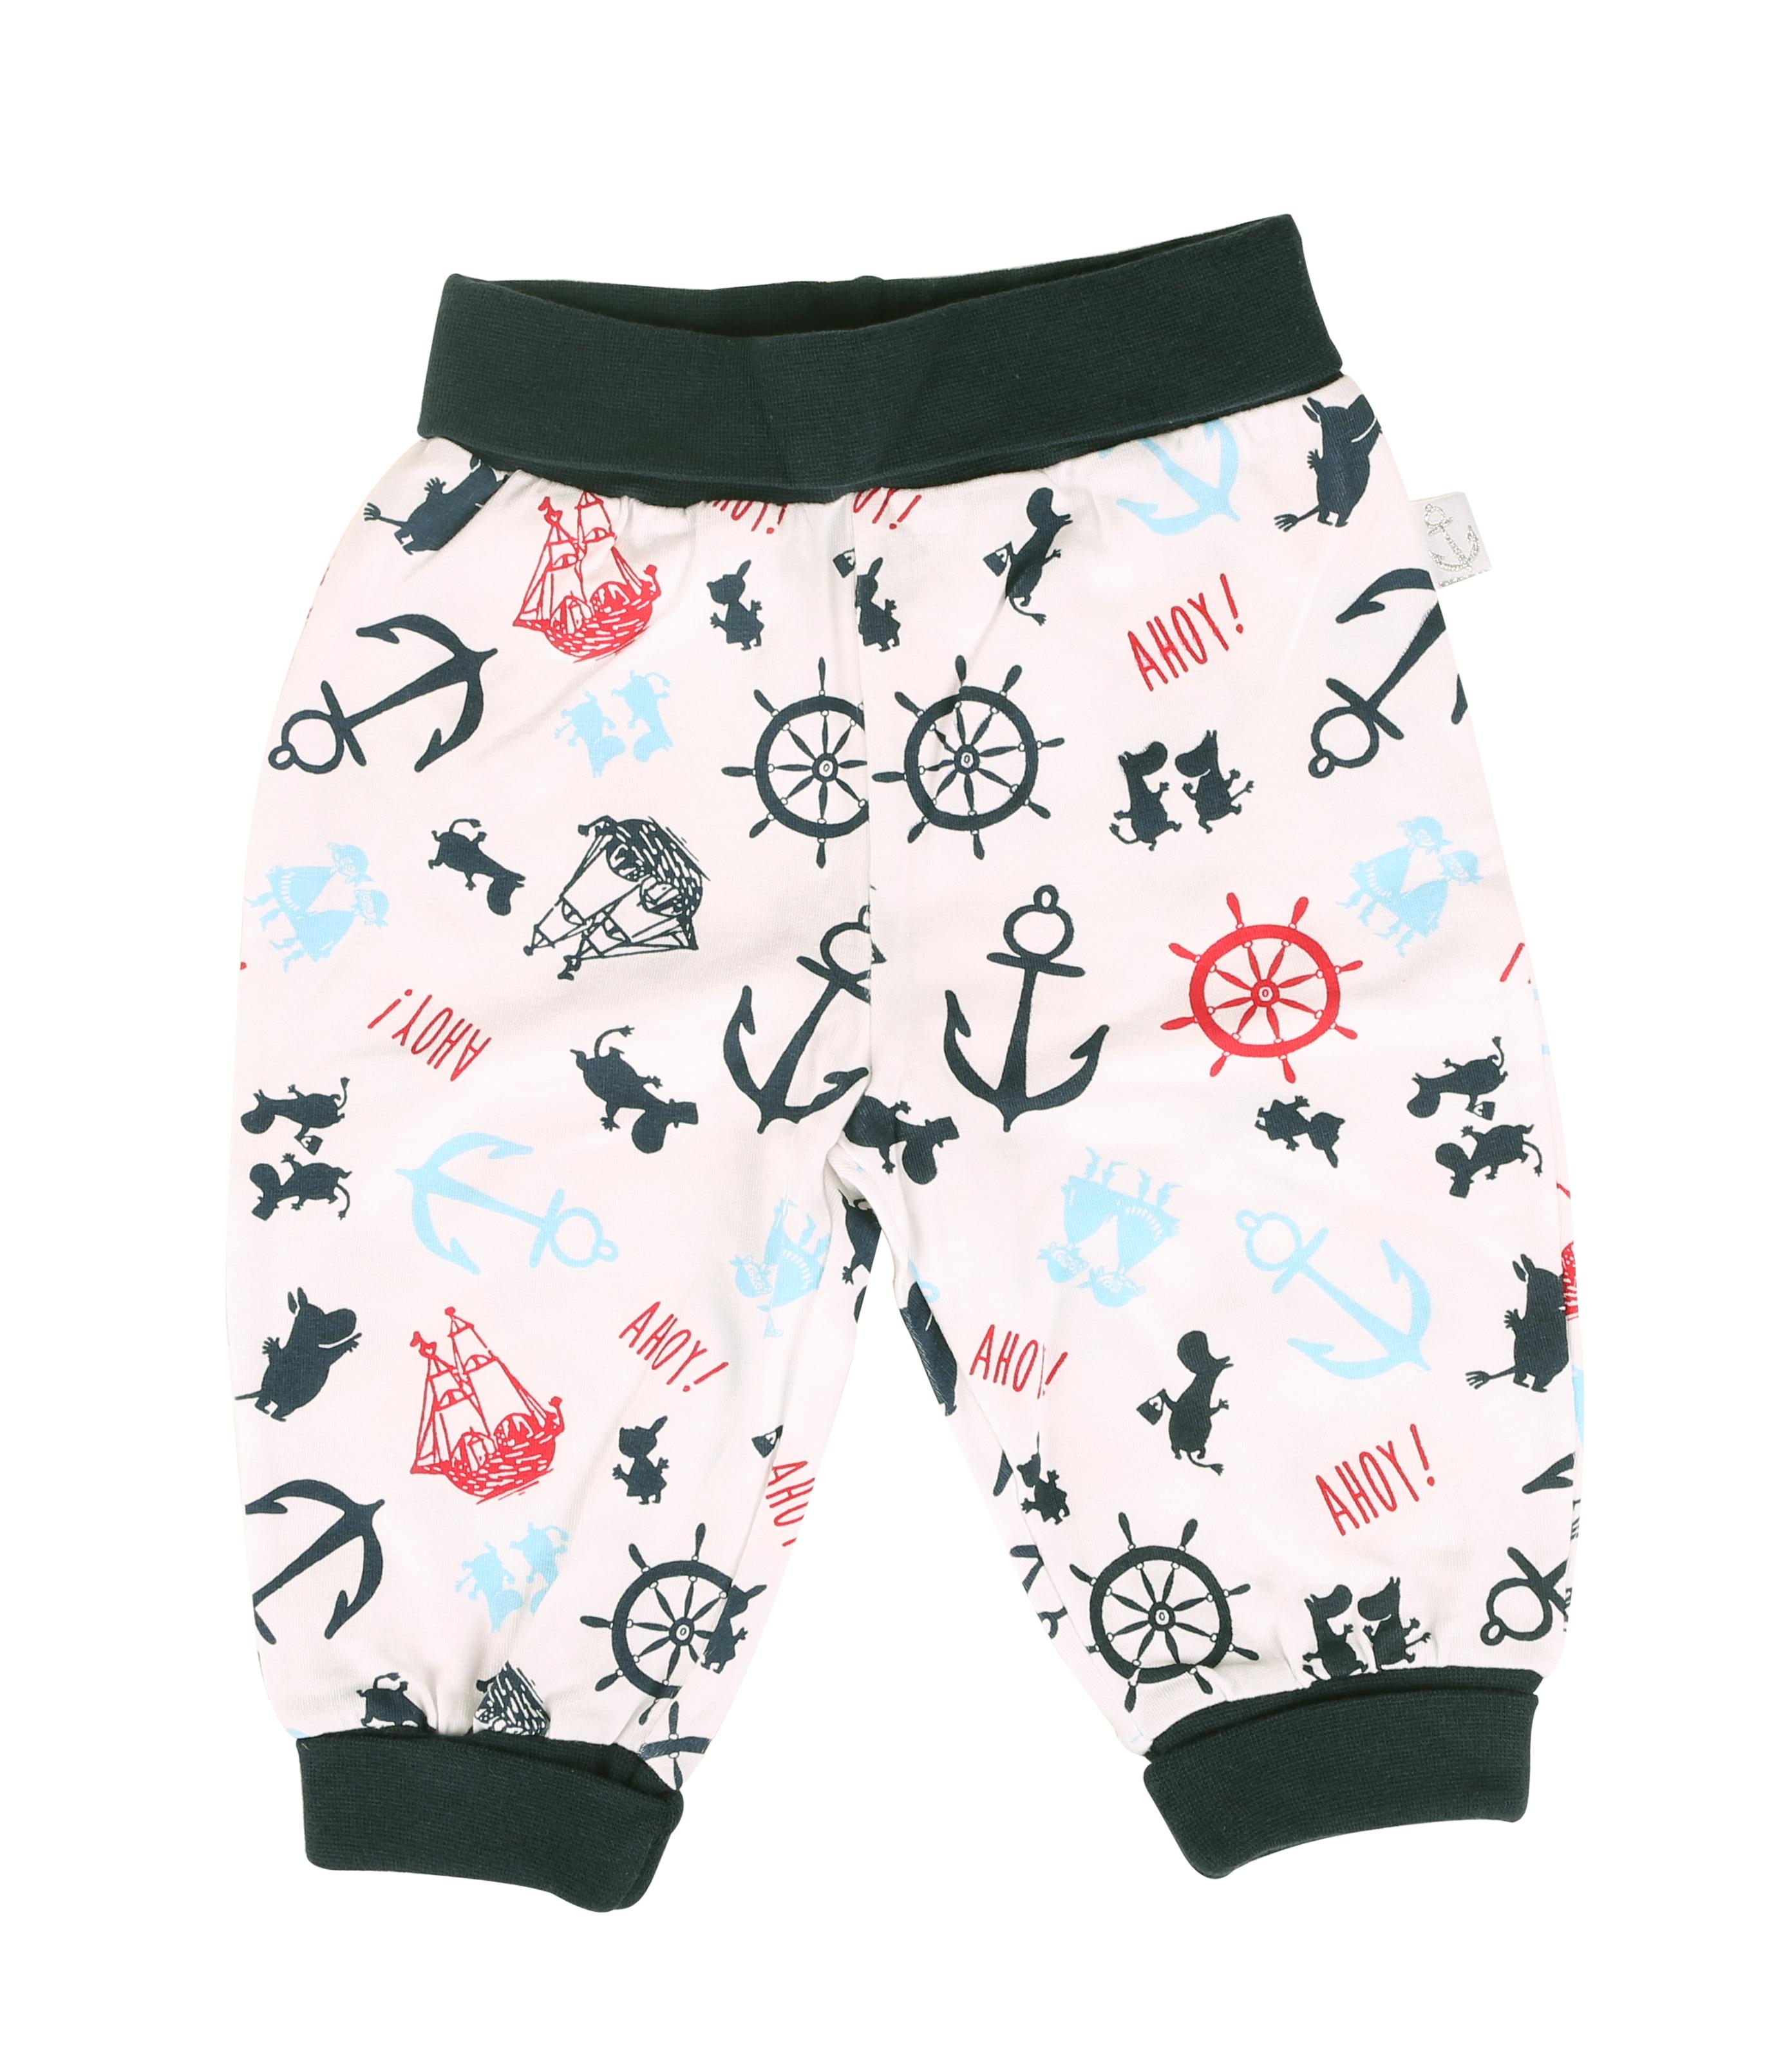 Martinex Moomin Anchor Pants